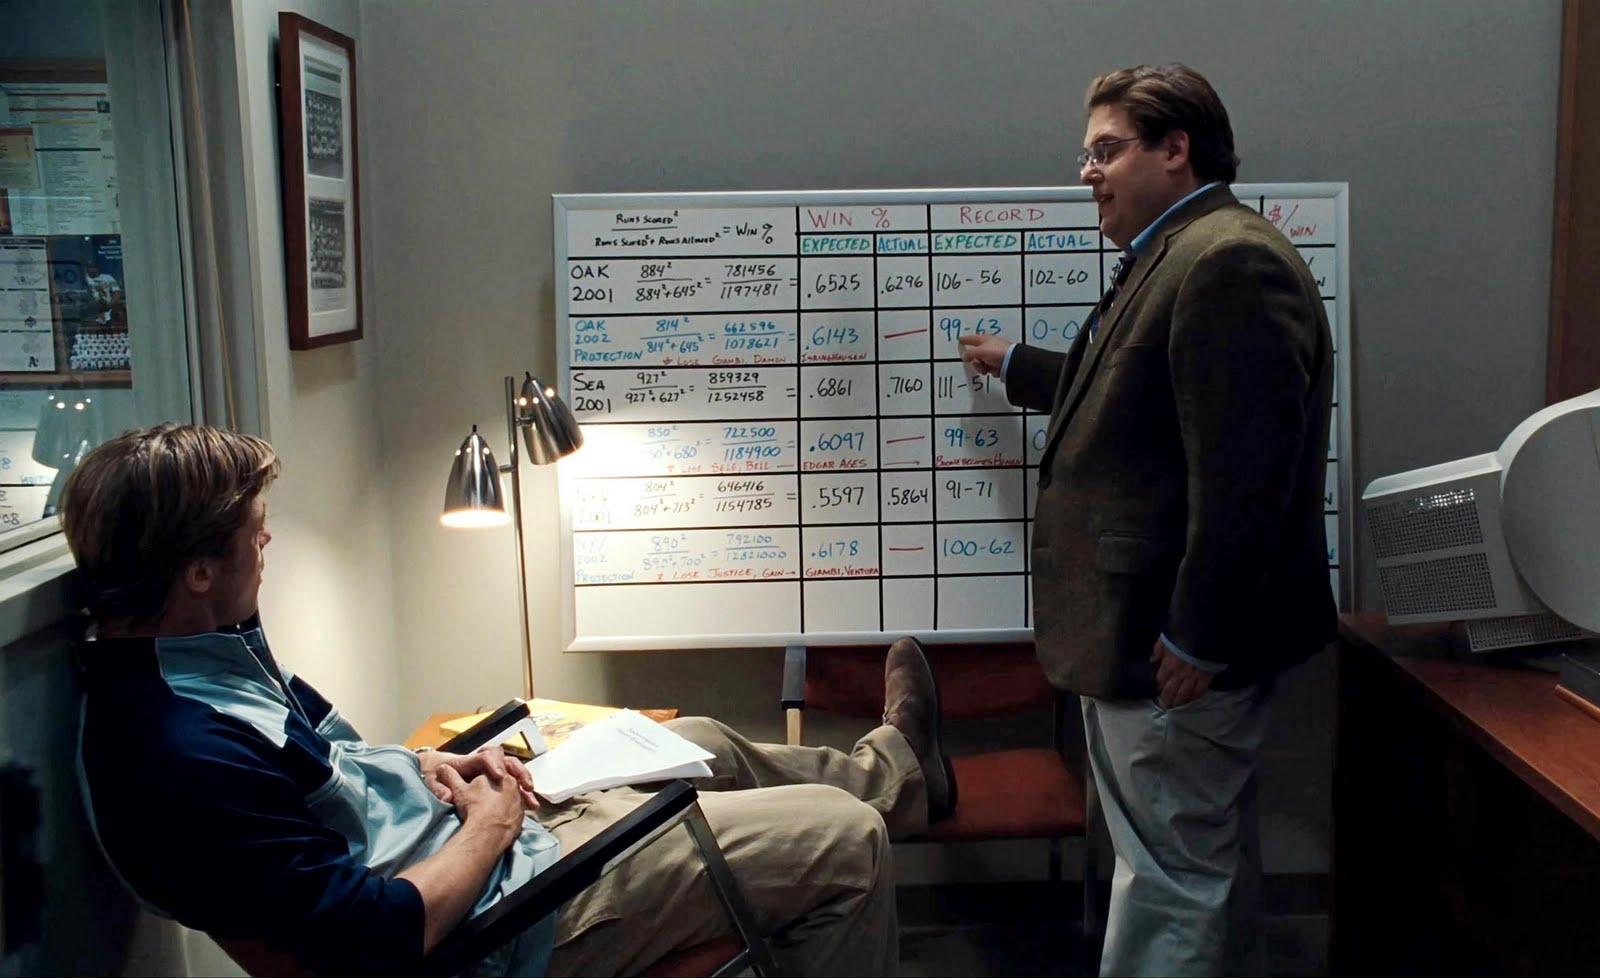 Peter mostrando os dados para o Bill